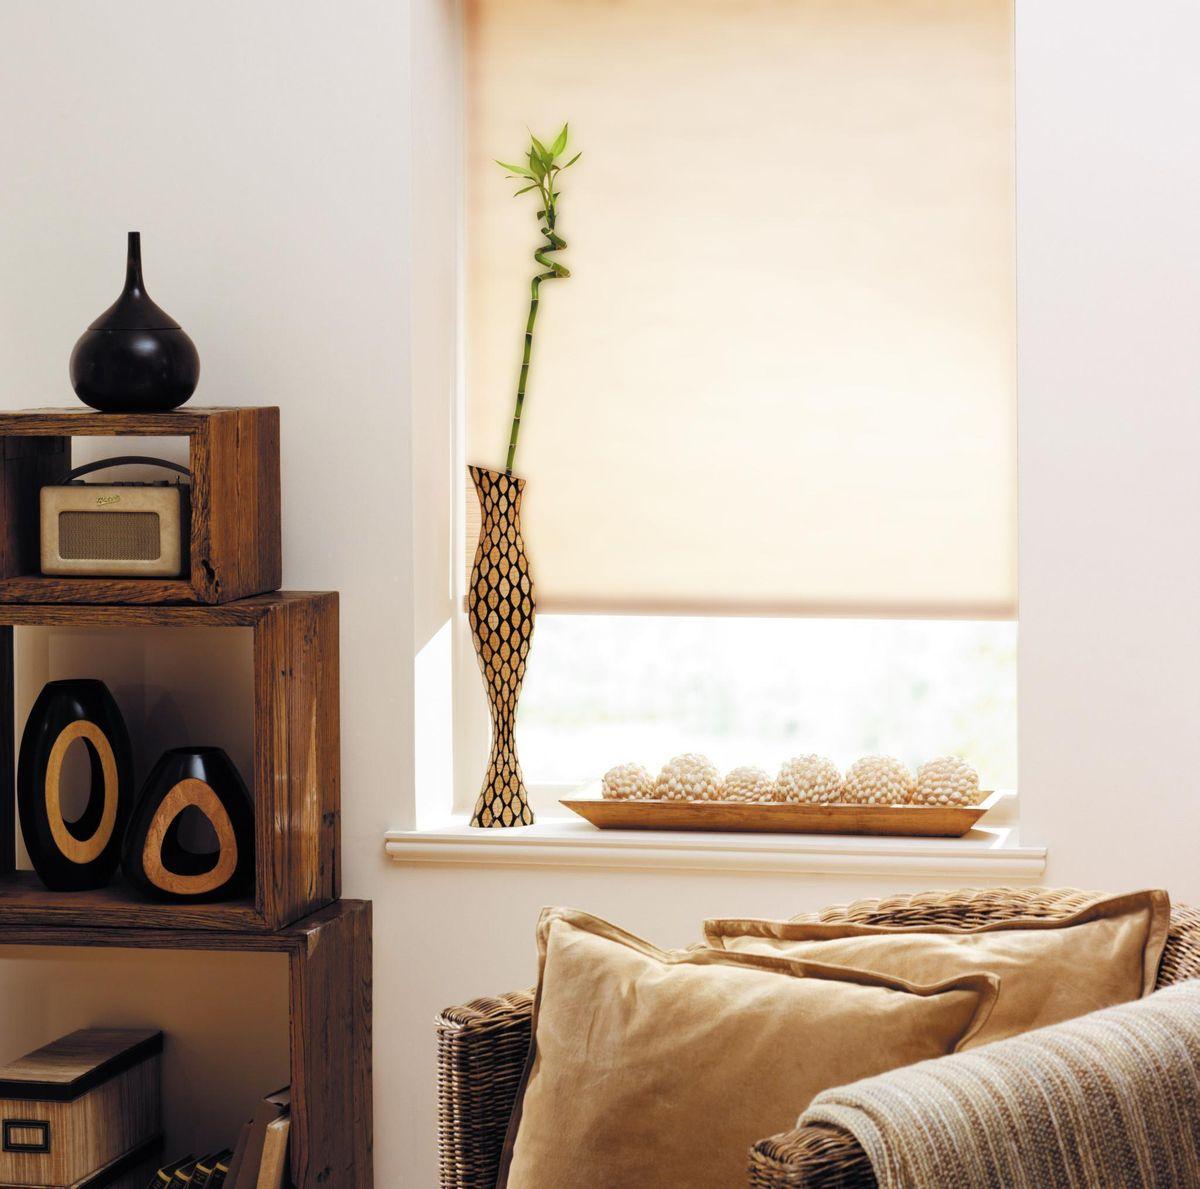 Штора рулонная Эскар, цвет: бежевый лен, ширина 140 см, высота 170 см80653Рулонными шторами можно оформлять окна как самостоятельно, так и использовать в комбинации с портьерами. Это поможет предотвратить выгорание дорогой ткани на солнце и соединит функционал рулонных с красотой навесных.Преимущества применения рулонных штор для пластиковых окон:- имеют прекрасный внешний вид: многообразие и фактурность материала изделия отлично смотрятся в любом интерьере; - многофункциональны: есть возможность подобрать шторы способные эффективно защитить комнату от солнца, при этом о на не будет слишком темной. - Есть возможность осуществить быстрый монтаж. ВНИМАНИЕ! Размеры ширины изделия указаны по ширине ткани!Во время эксплуатации не рекомендуется полностью разматывать рулон, чтобы не оторвать ткань от намоточного вала.В случае загрязнения поверхности ткани, чистку шторы проводят одним из способов, в зависимости от типа загрязнения: легкое поверхностное загрязнение можно удалить при помощи канцелярского ластика; чистка от пыли производится сухим методом при помощи пылесоса с мягкой щеткой-насадкой; для удаления пятна используйте мягкую губку с пенообразующим неагрессивным моющим средством или пятновыводитель на натуральной основе (нельзя применять растворители).